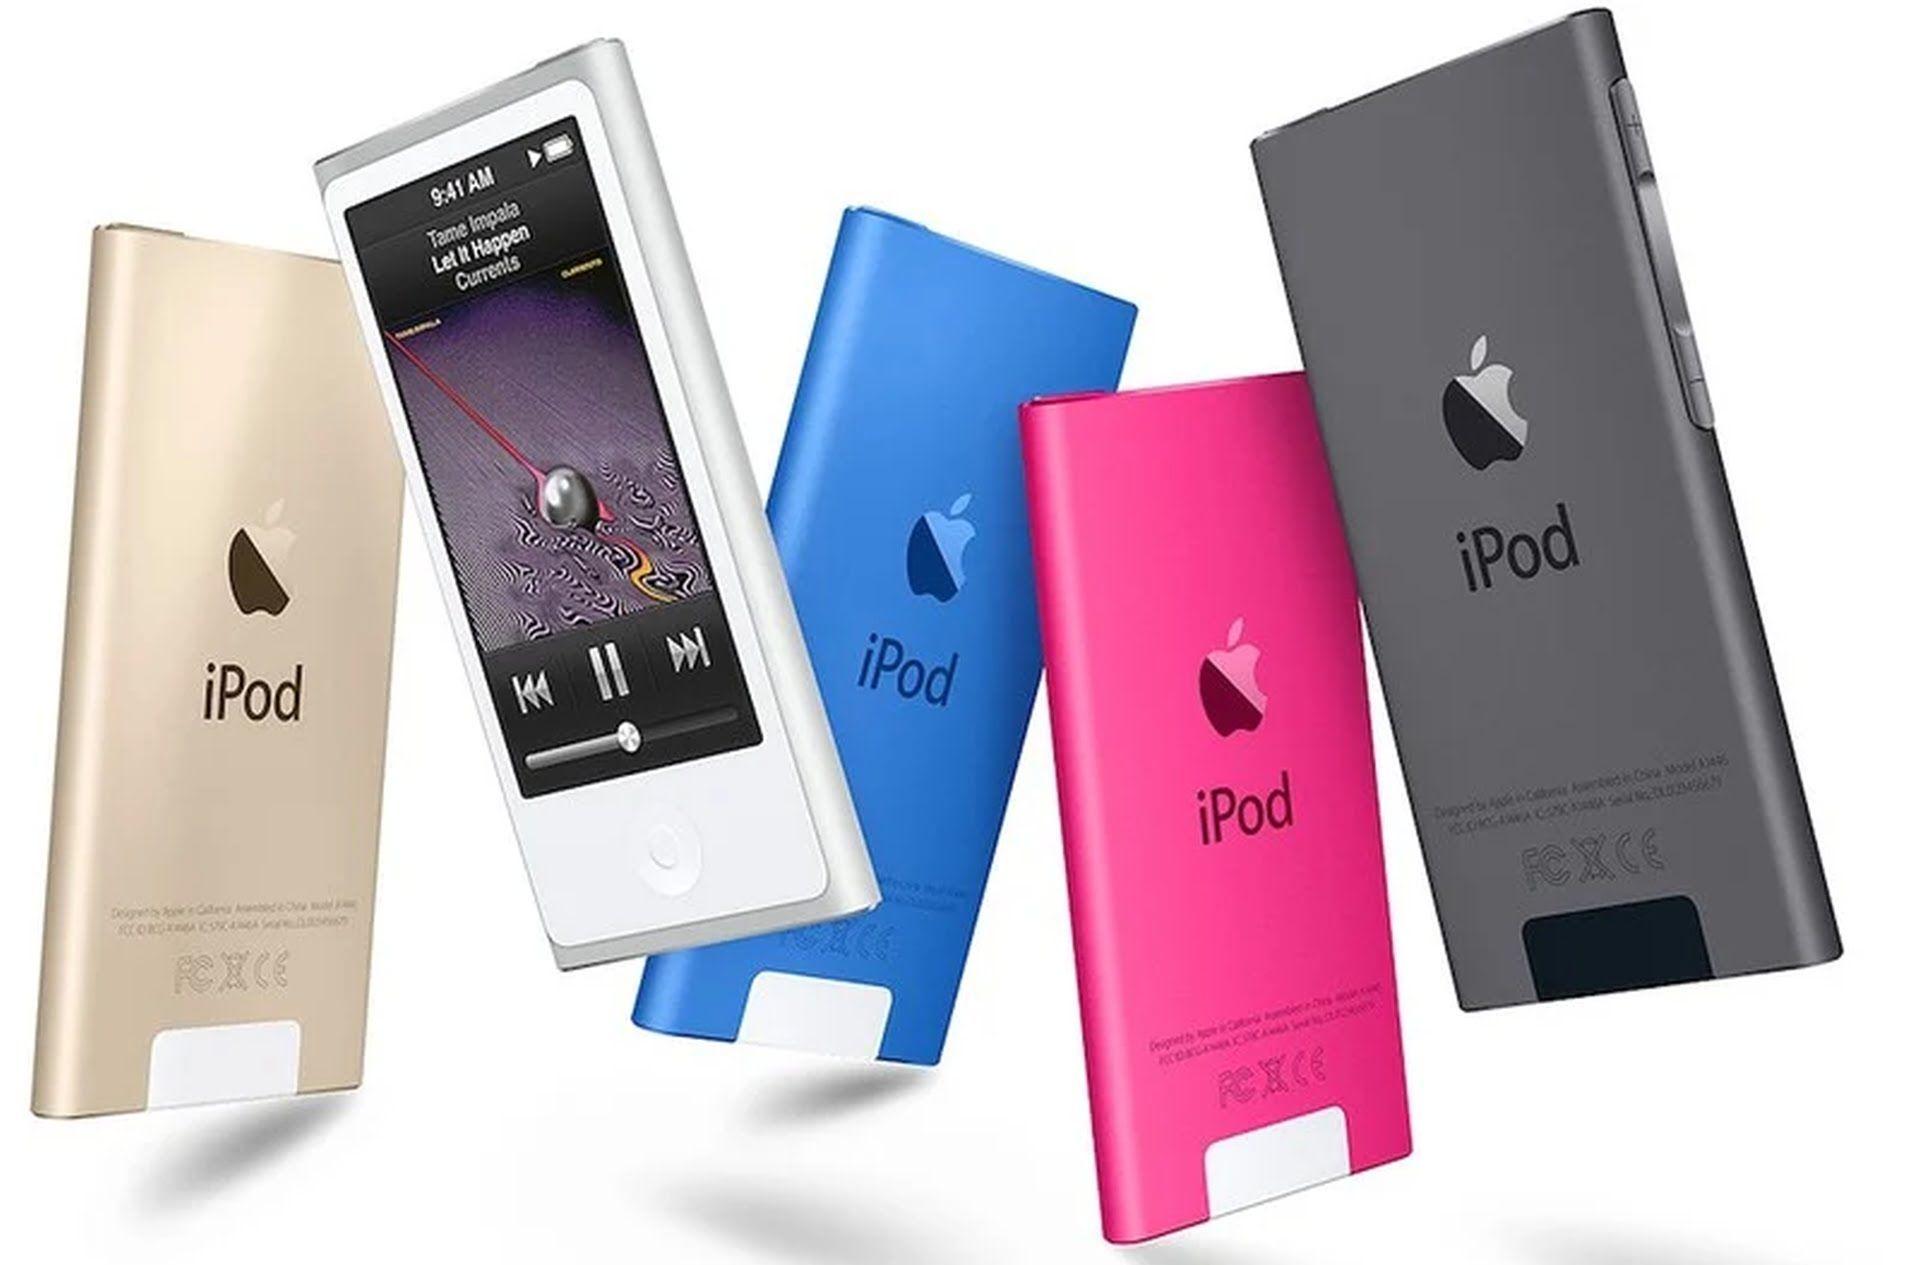 Na liście starych produktów znalazł się iPod Nano z 2015 roku